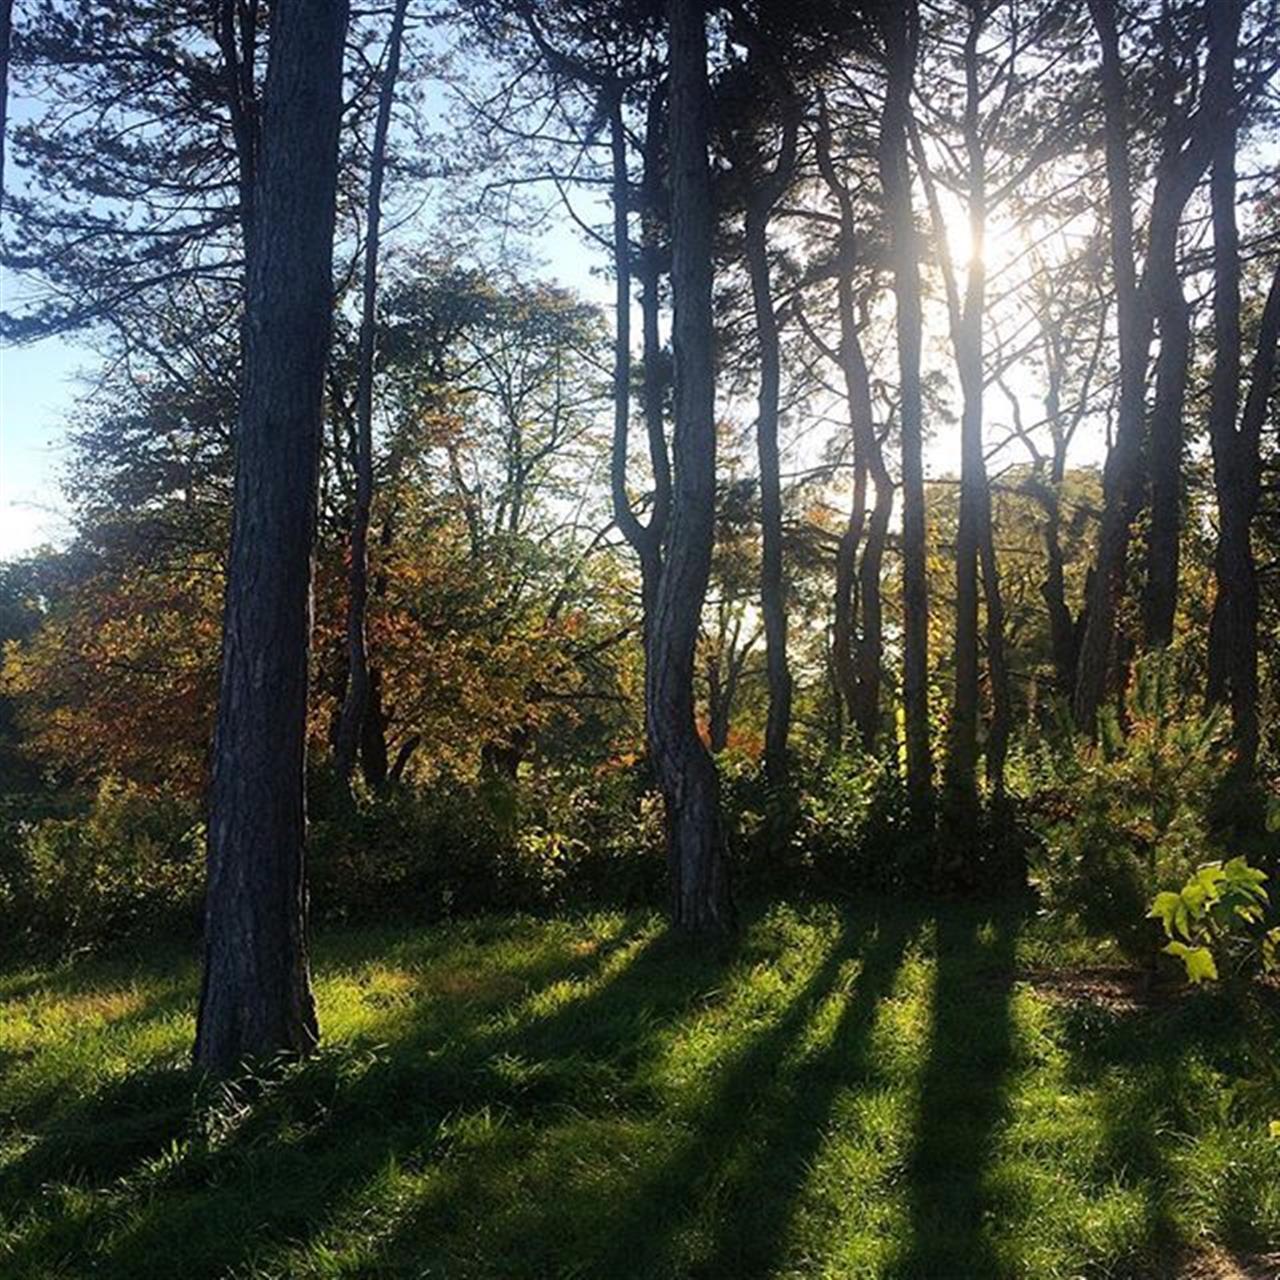 Among the trees #mortonarboretum #lisle #chicago #leadingrelocal #bairdandwarner